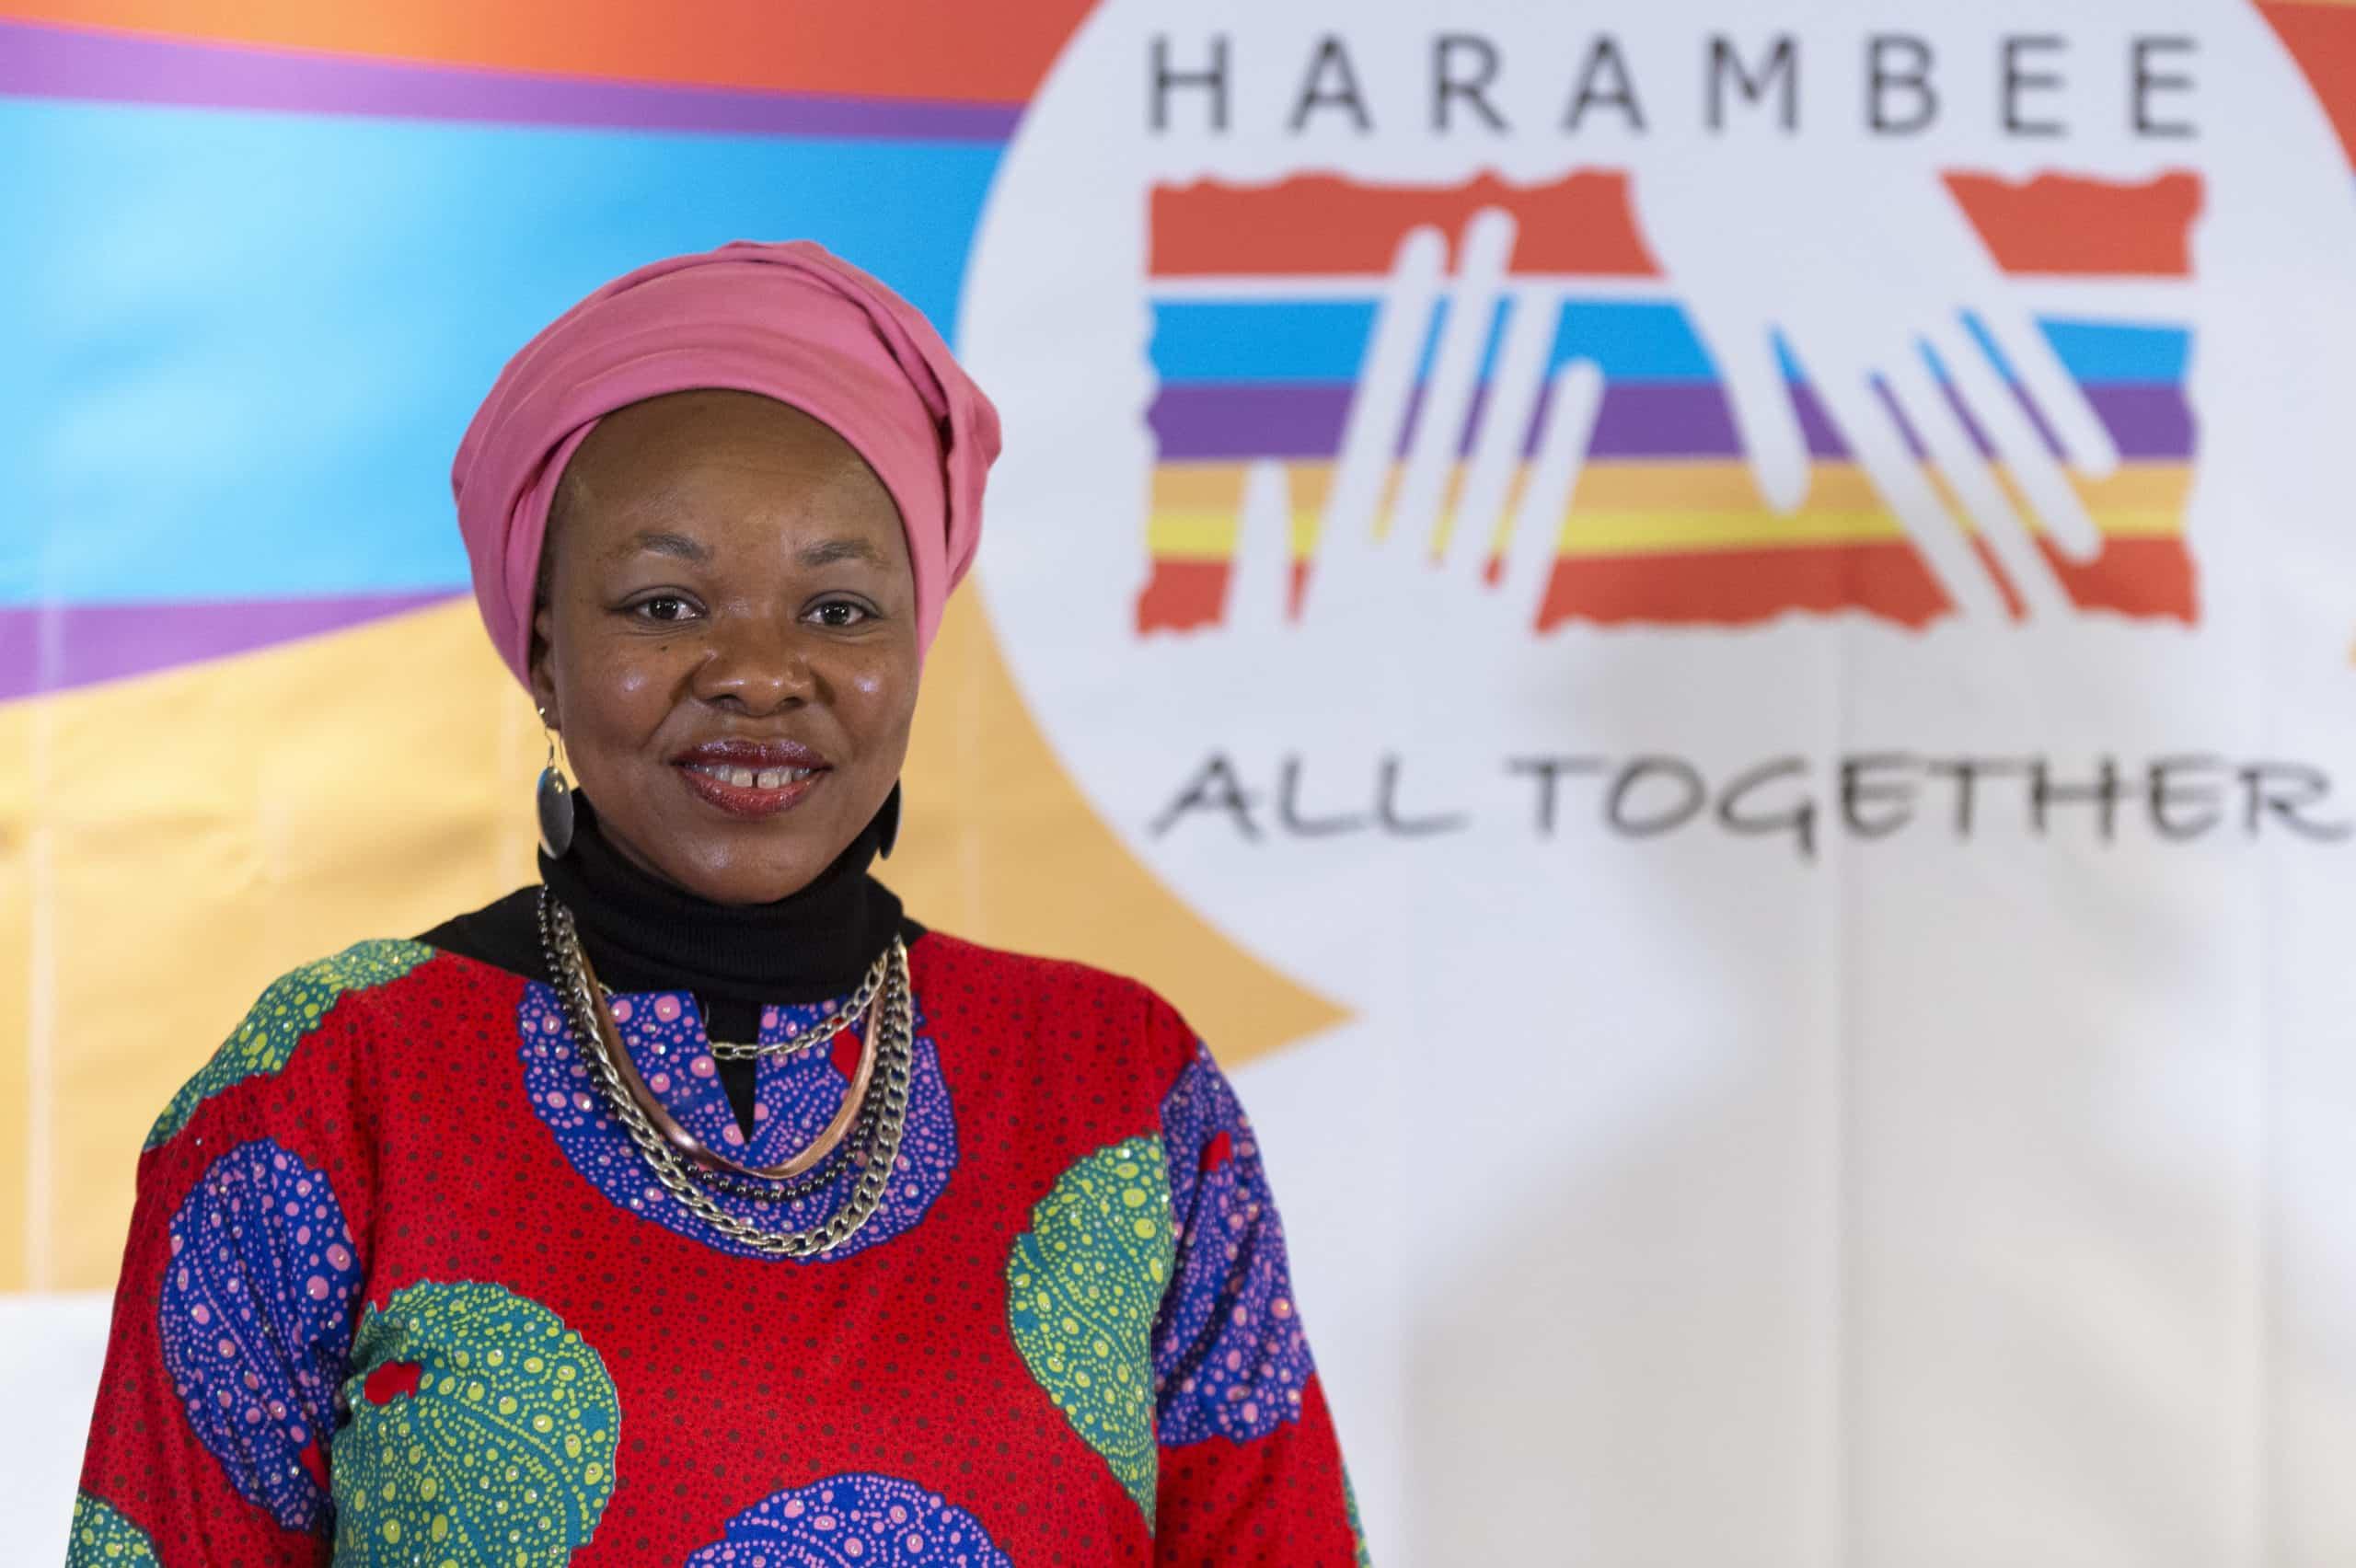 Entrega del Premio Harambee 2019 a la médico sudafricana, Ozo Ibeziako